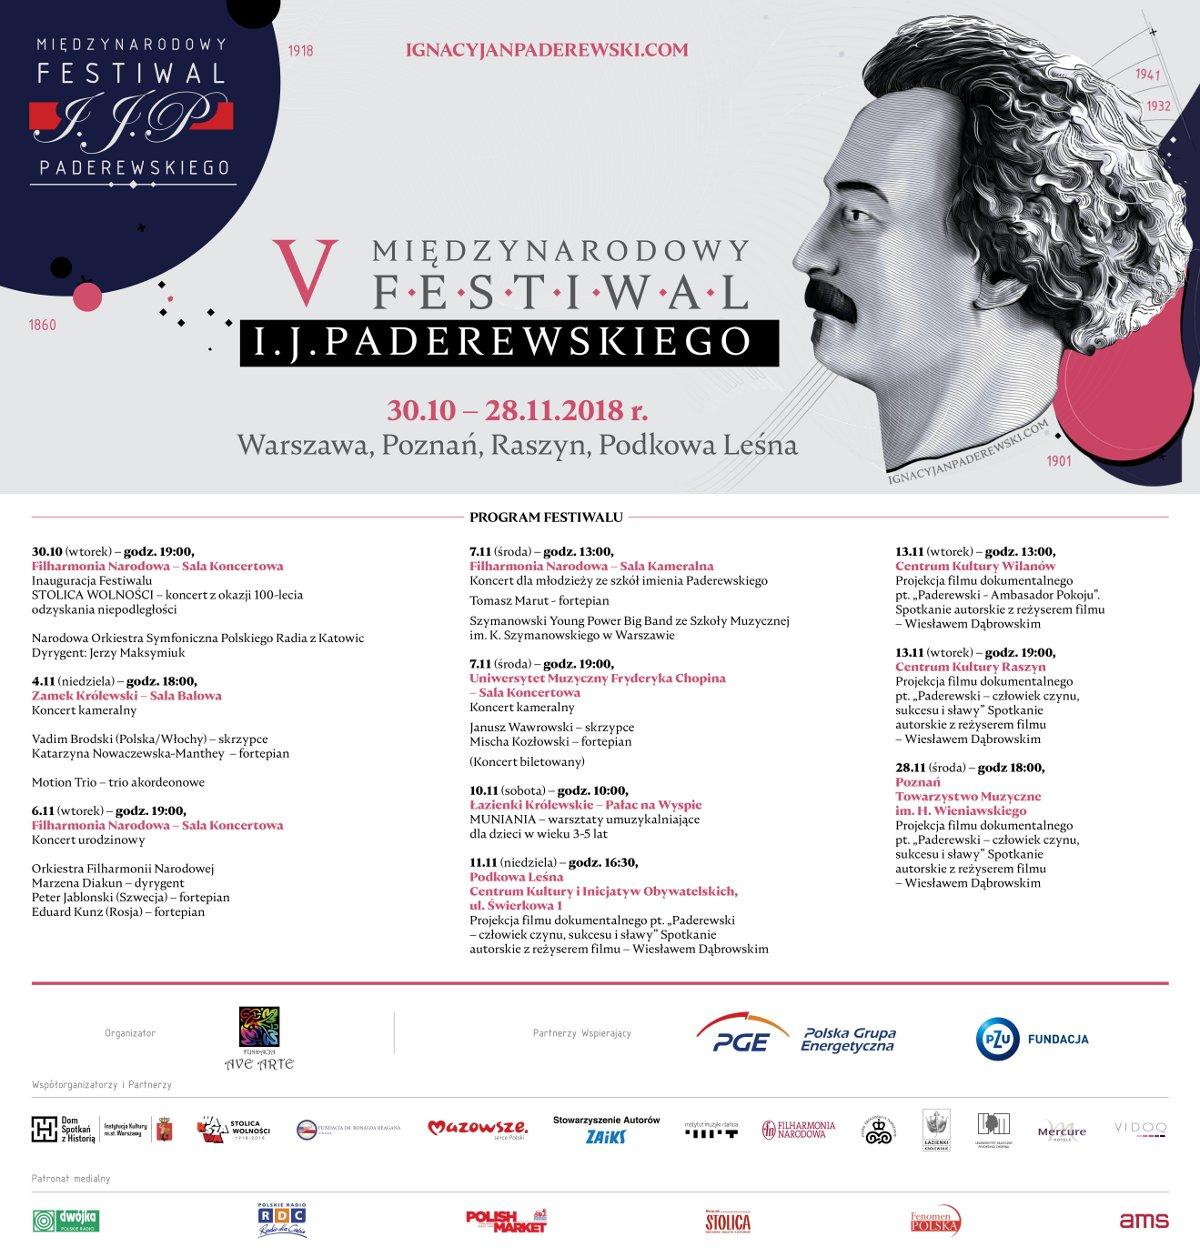 W Warszawie trwa V Międzynarodowy Festiwal Paderewskiego